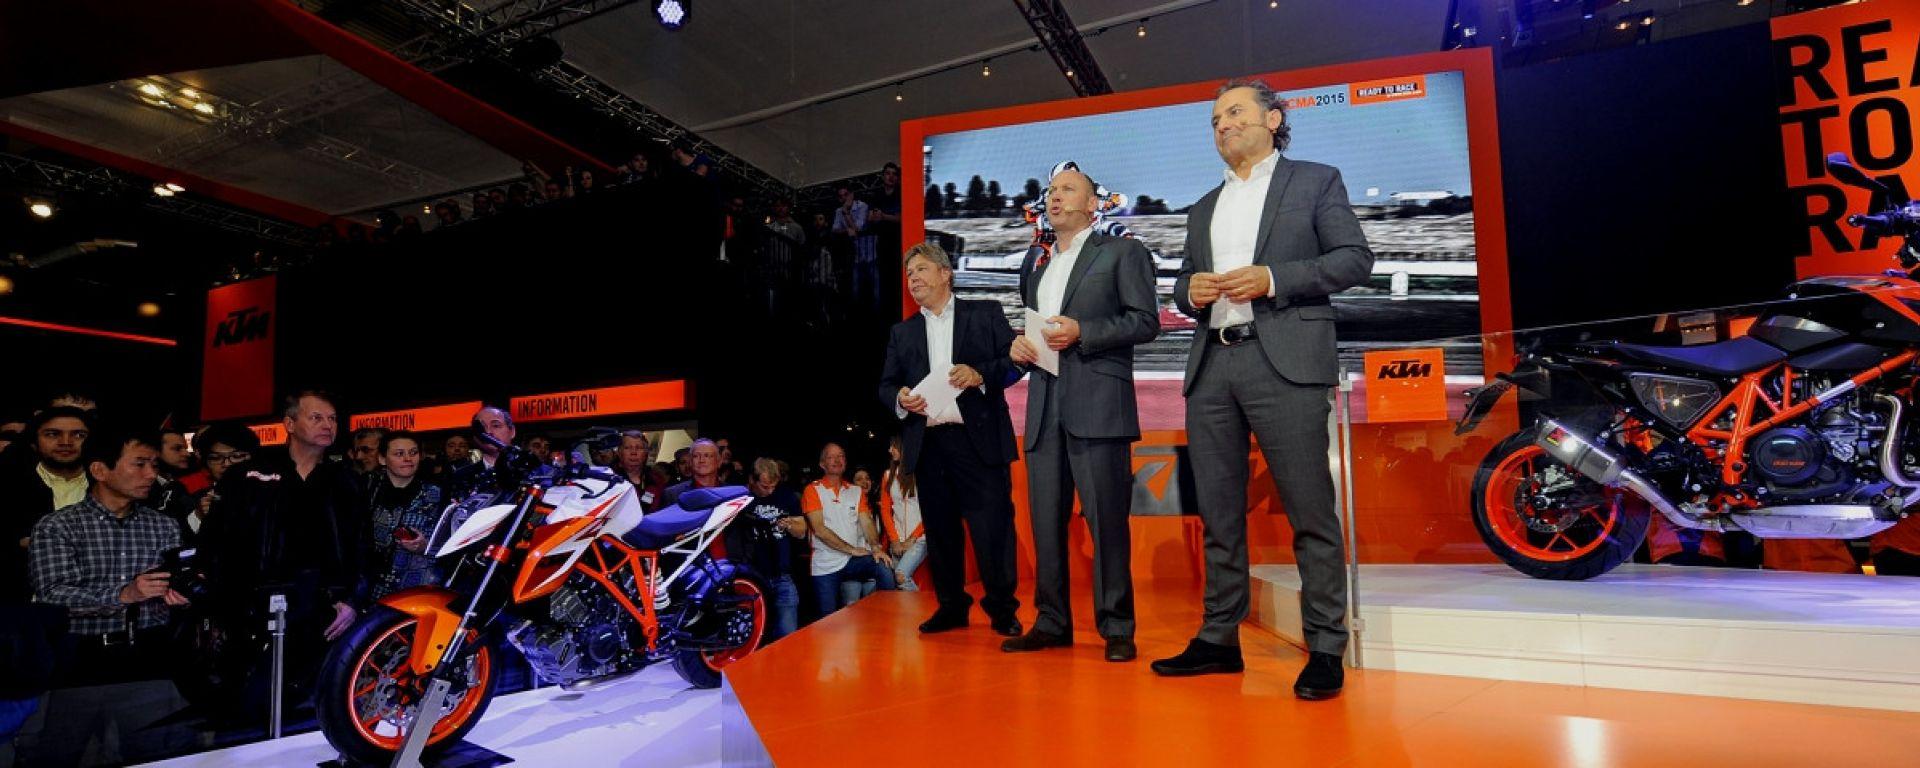 KTM salterà Eicma ed Intermot 2020, chiedendone l'annullamento